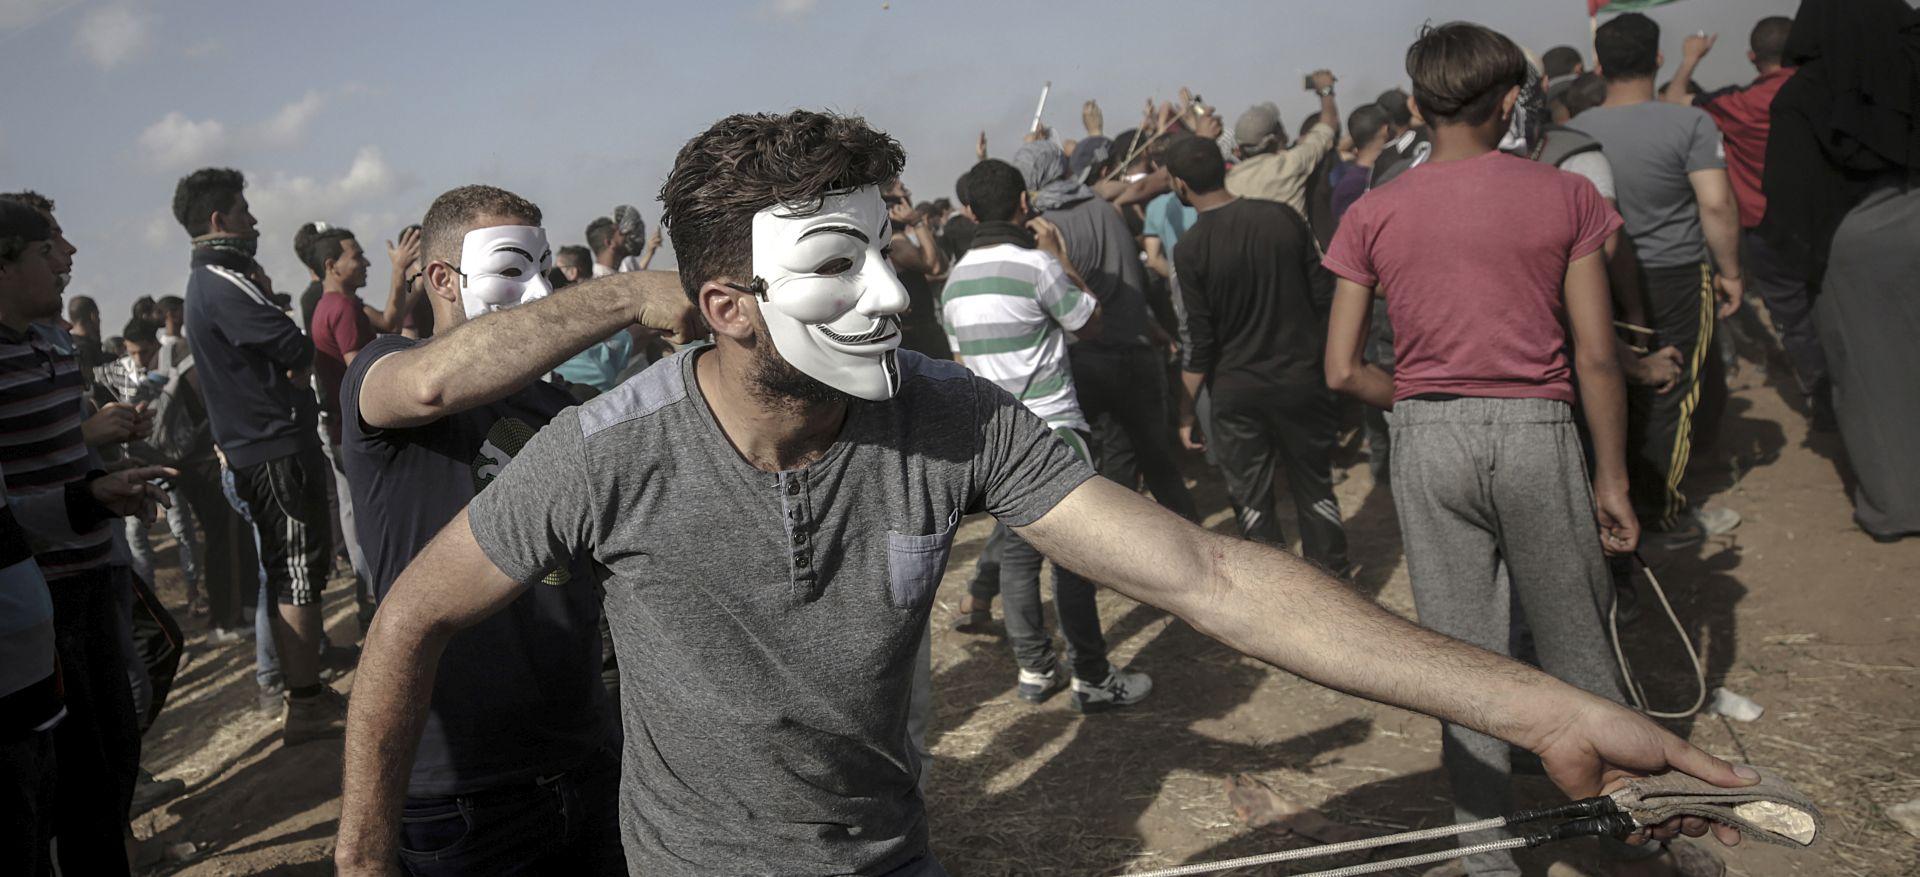 U nemirima zbog otvaranja američkog veleposlanstva ubijeno 7 Palestinaca